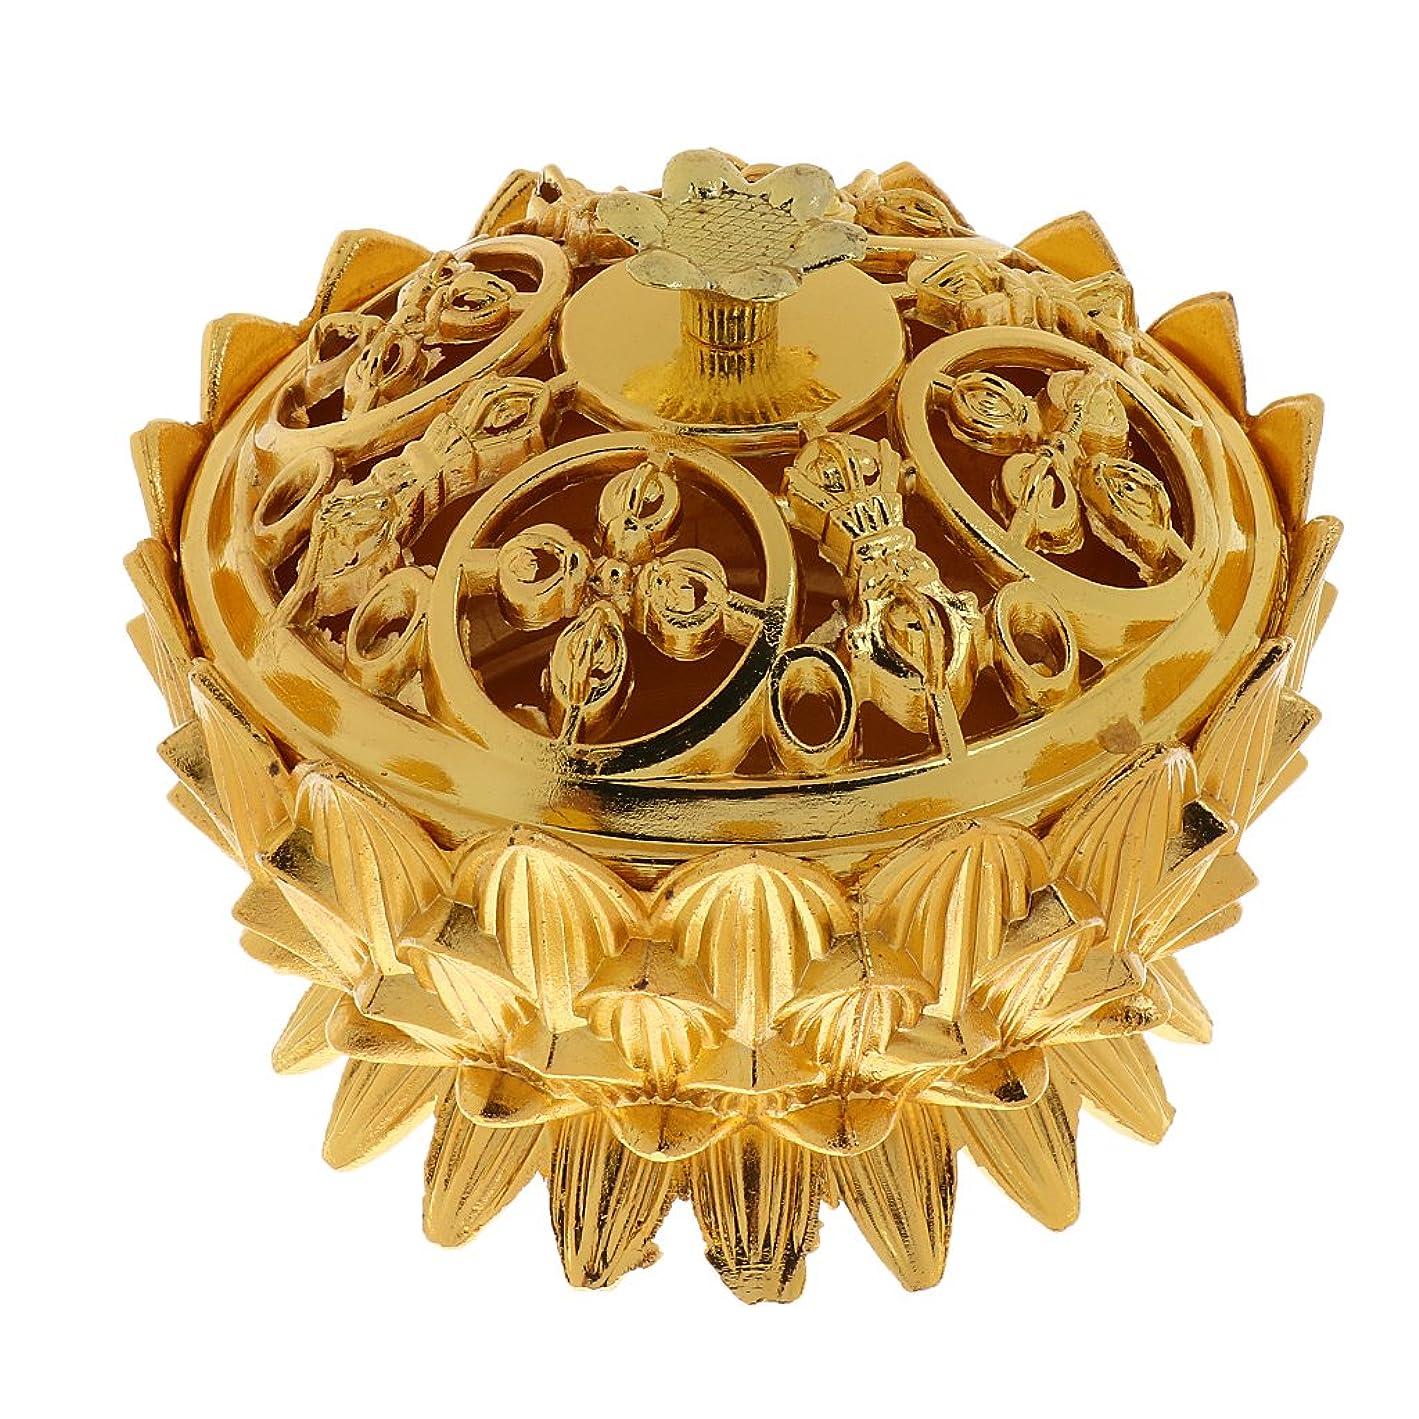 オークション反発するスローガンSONONIA 仏教 チベット 蓮 香りバーナー 香炉 金属 工芸品 家 装飾 全3選択 - #3